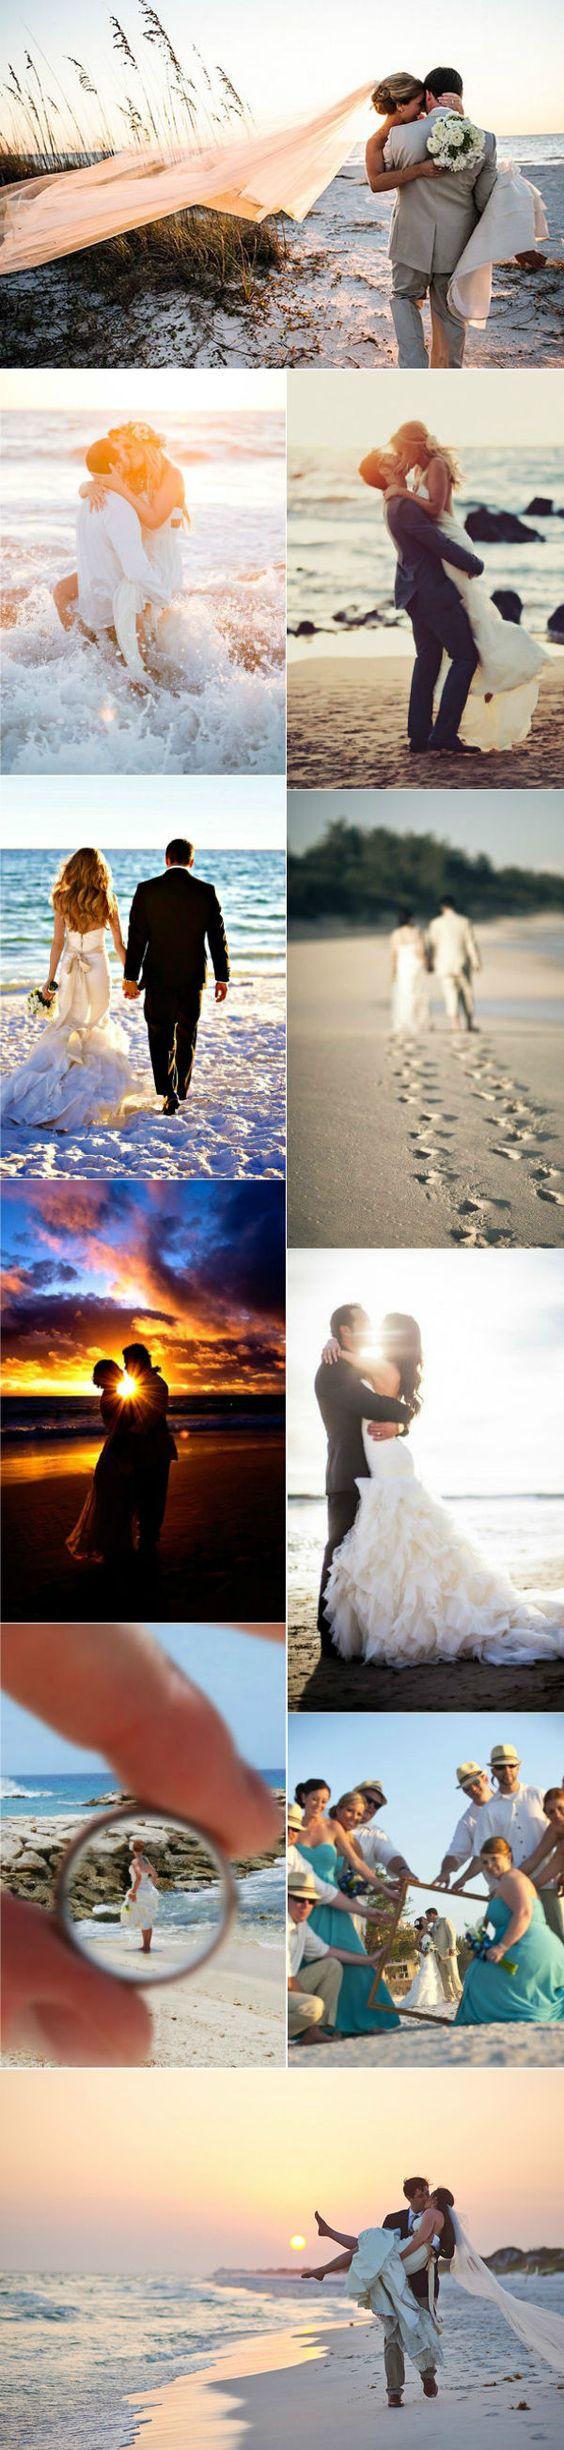 most romantic beach wedding photo ideas